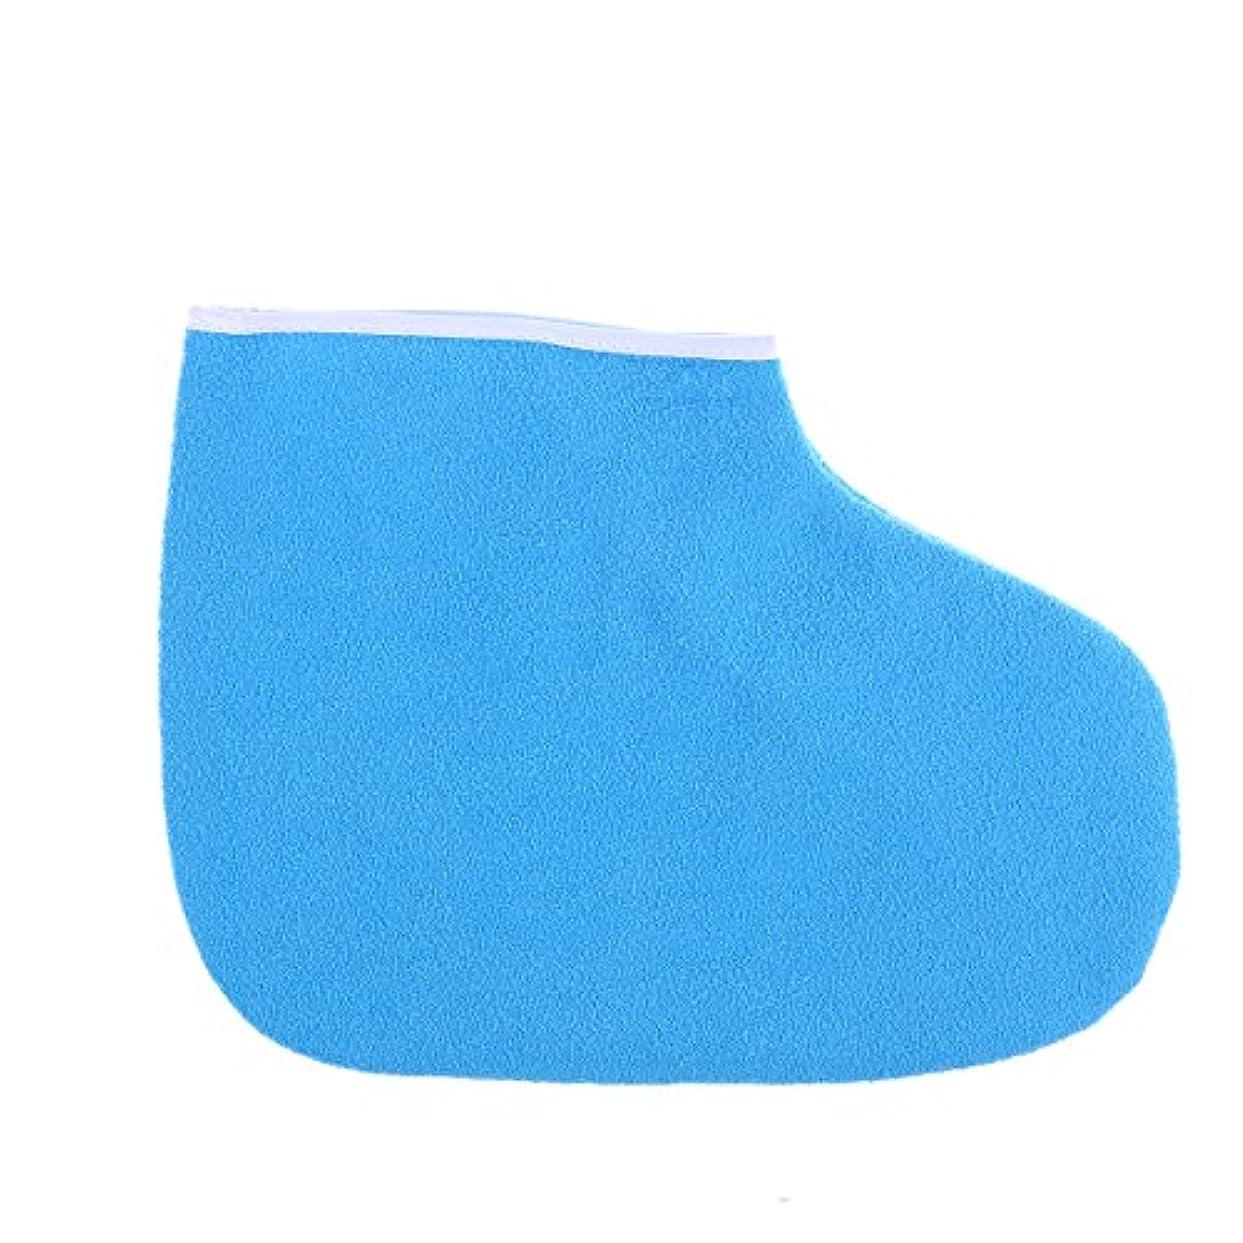 色合いキャリア大学院HEALLILY パラフィンブーティワックスバスフットスパカバー温熱療法絶縁ソフトコットン保湿フットストラップ(ブルー)